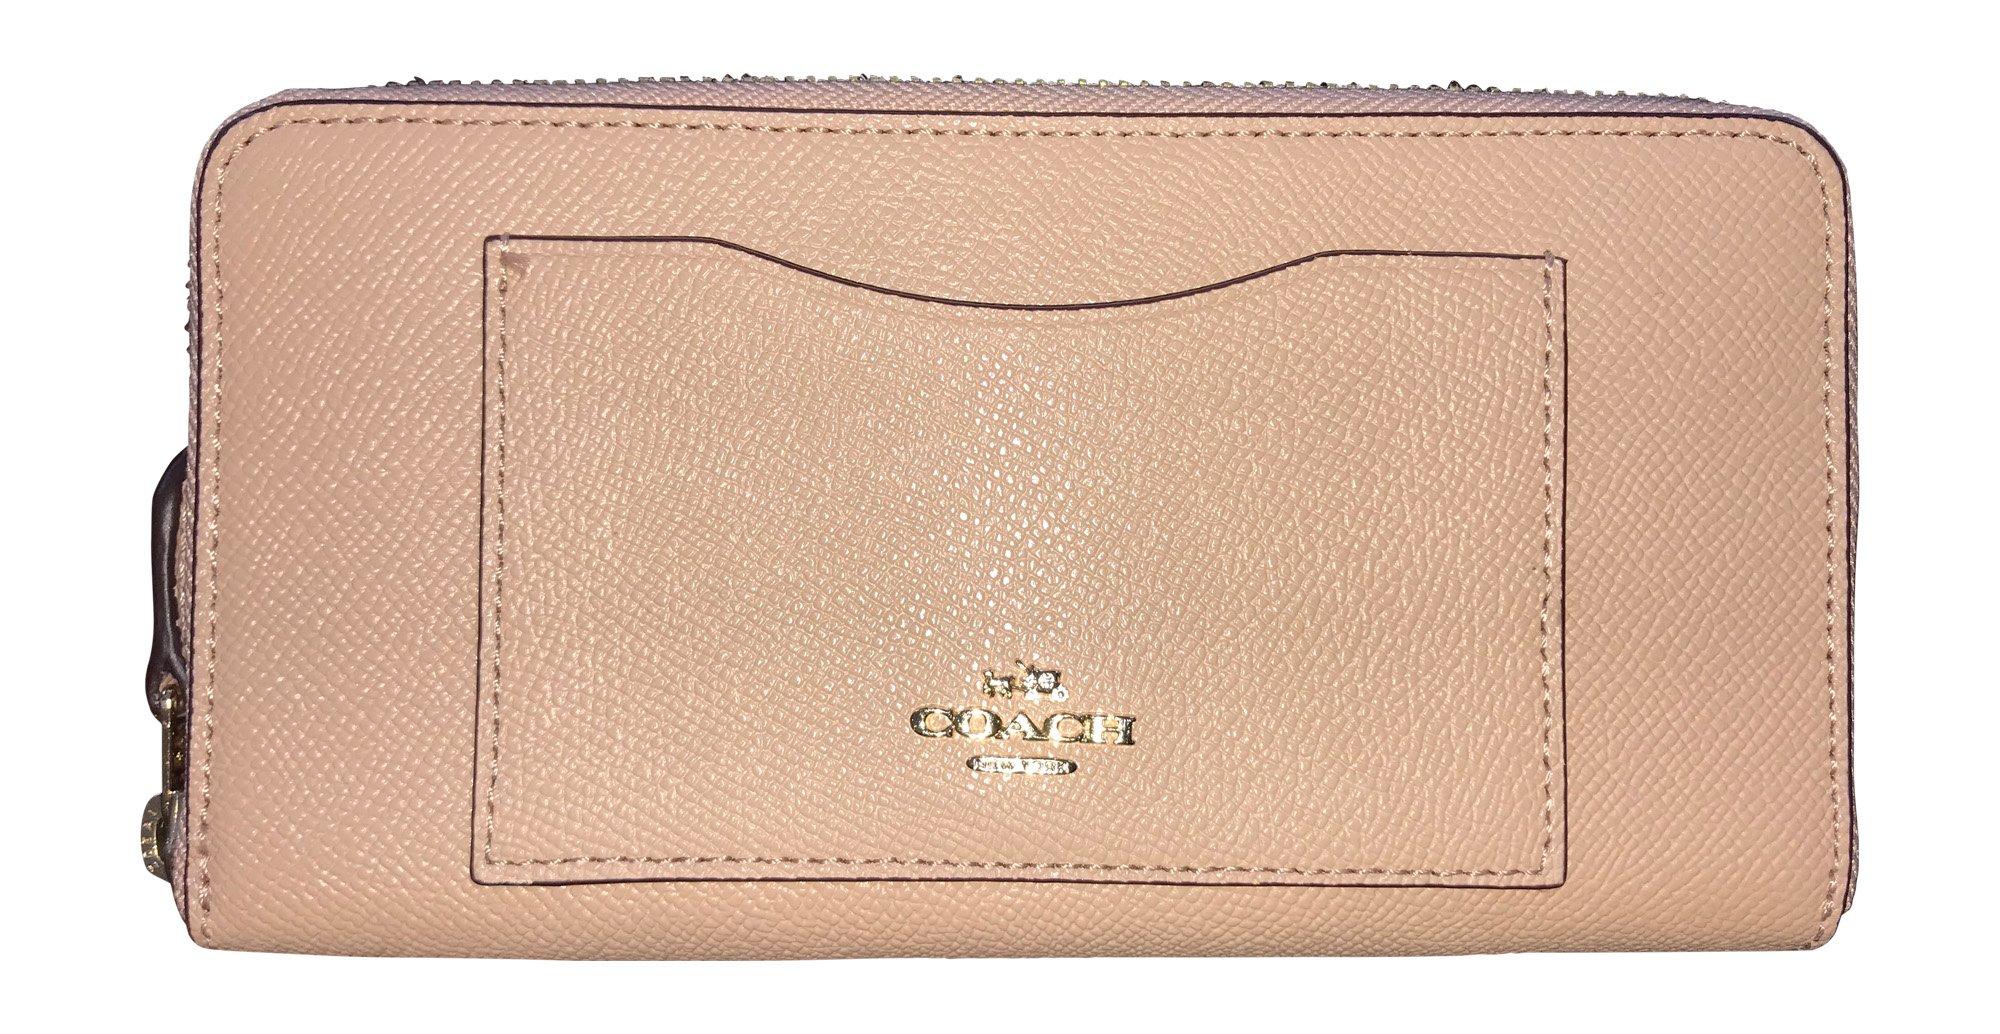 Coach Crossgrain Leather Accordion Zip Wallet, Nude Pink